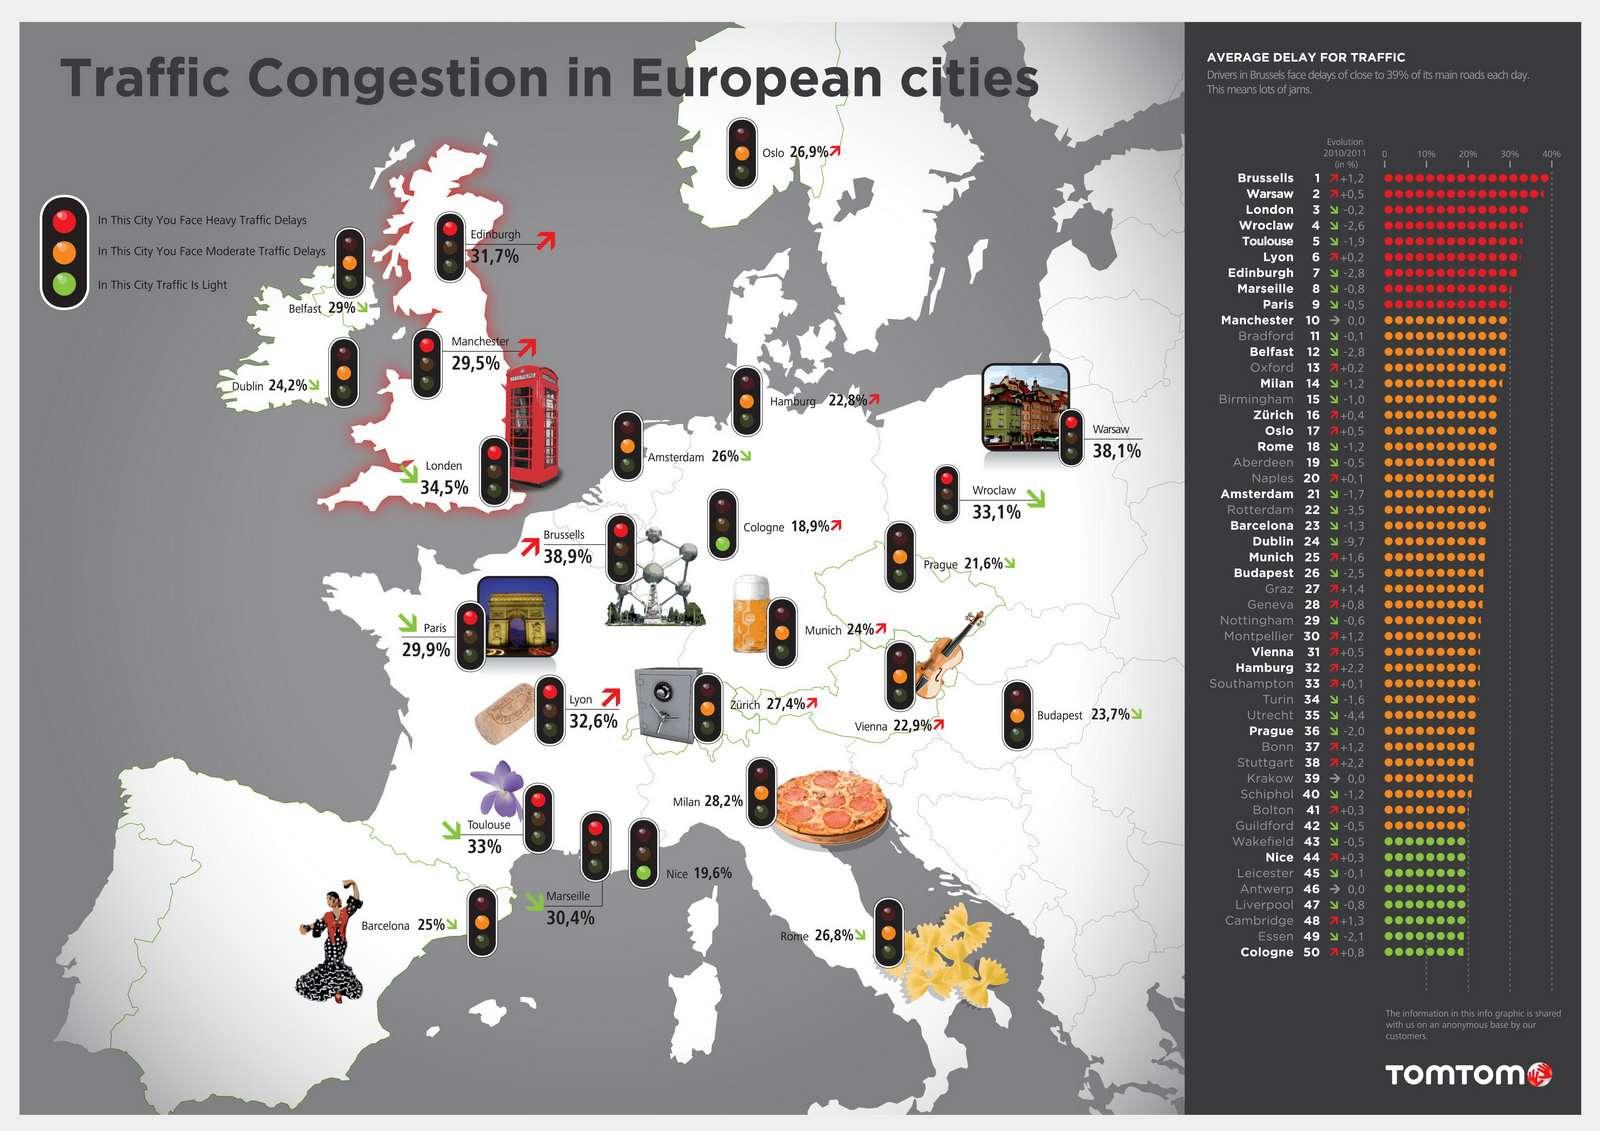 Zakorkowane miasta top 50 czerwiec 2011